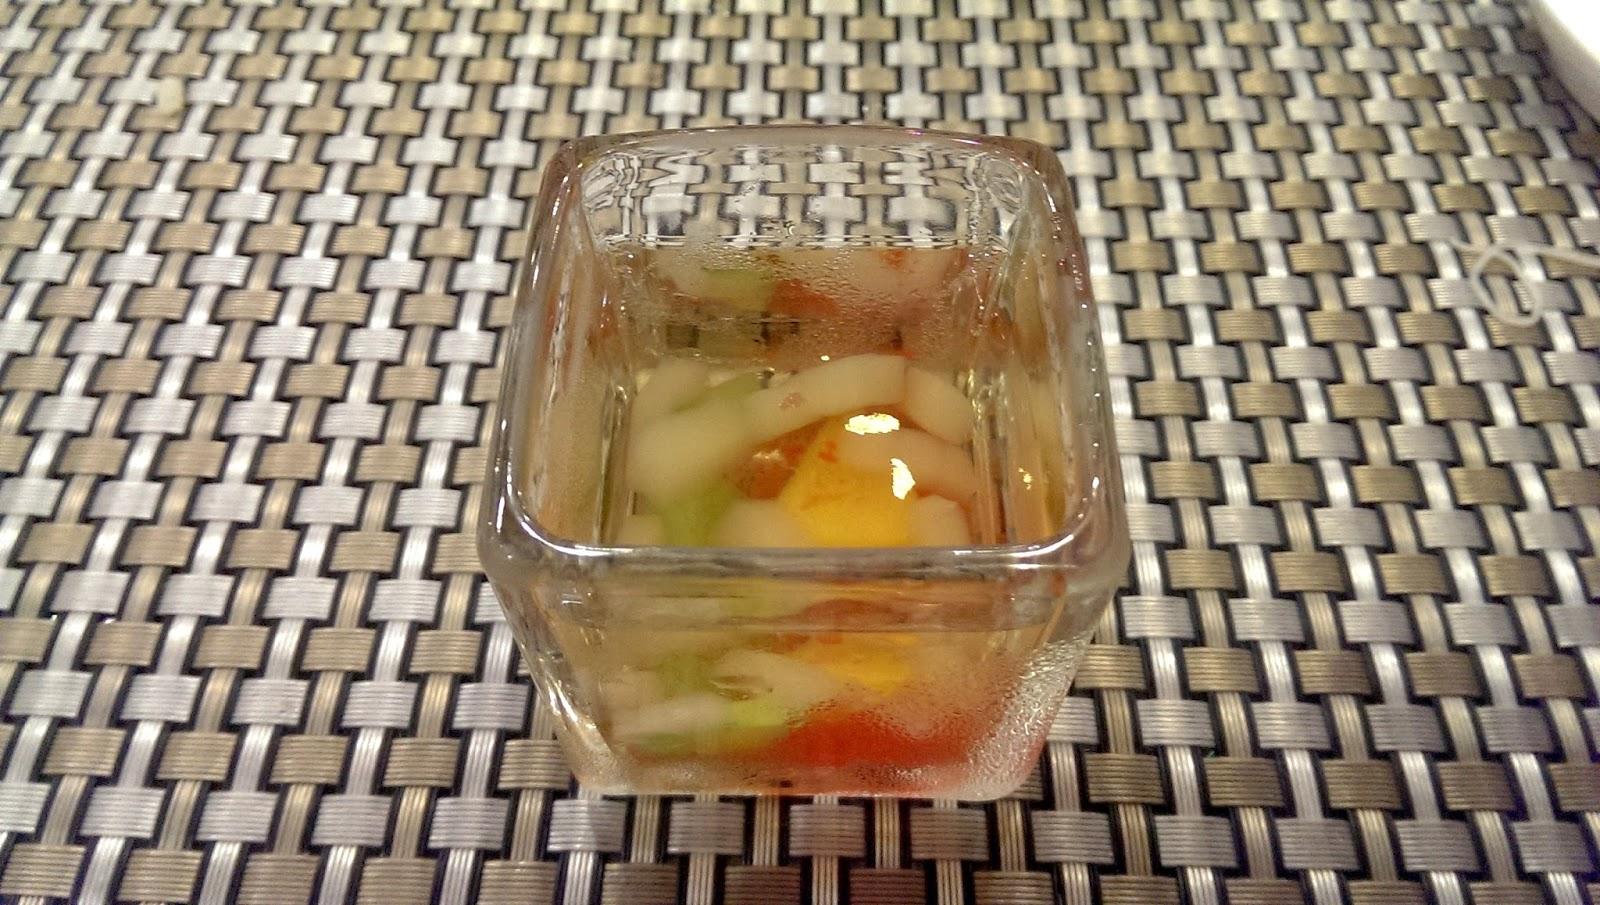 2015 07 13%2B20.45.59 - [食記] 二階堂懷石料理 - 令人不知所措的老日式料理